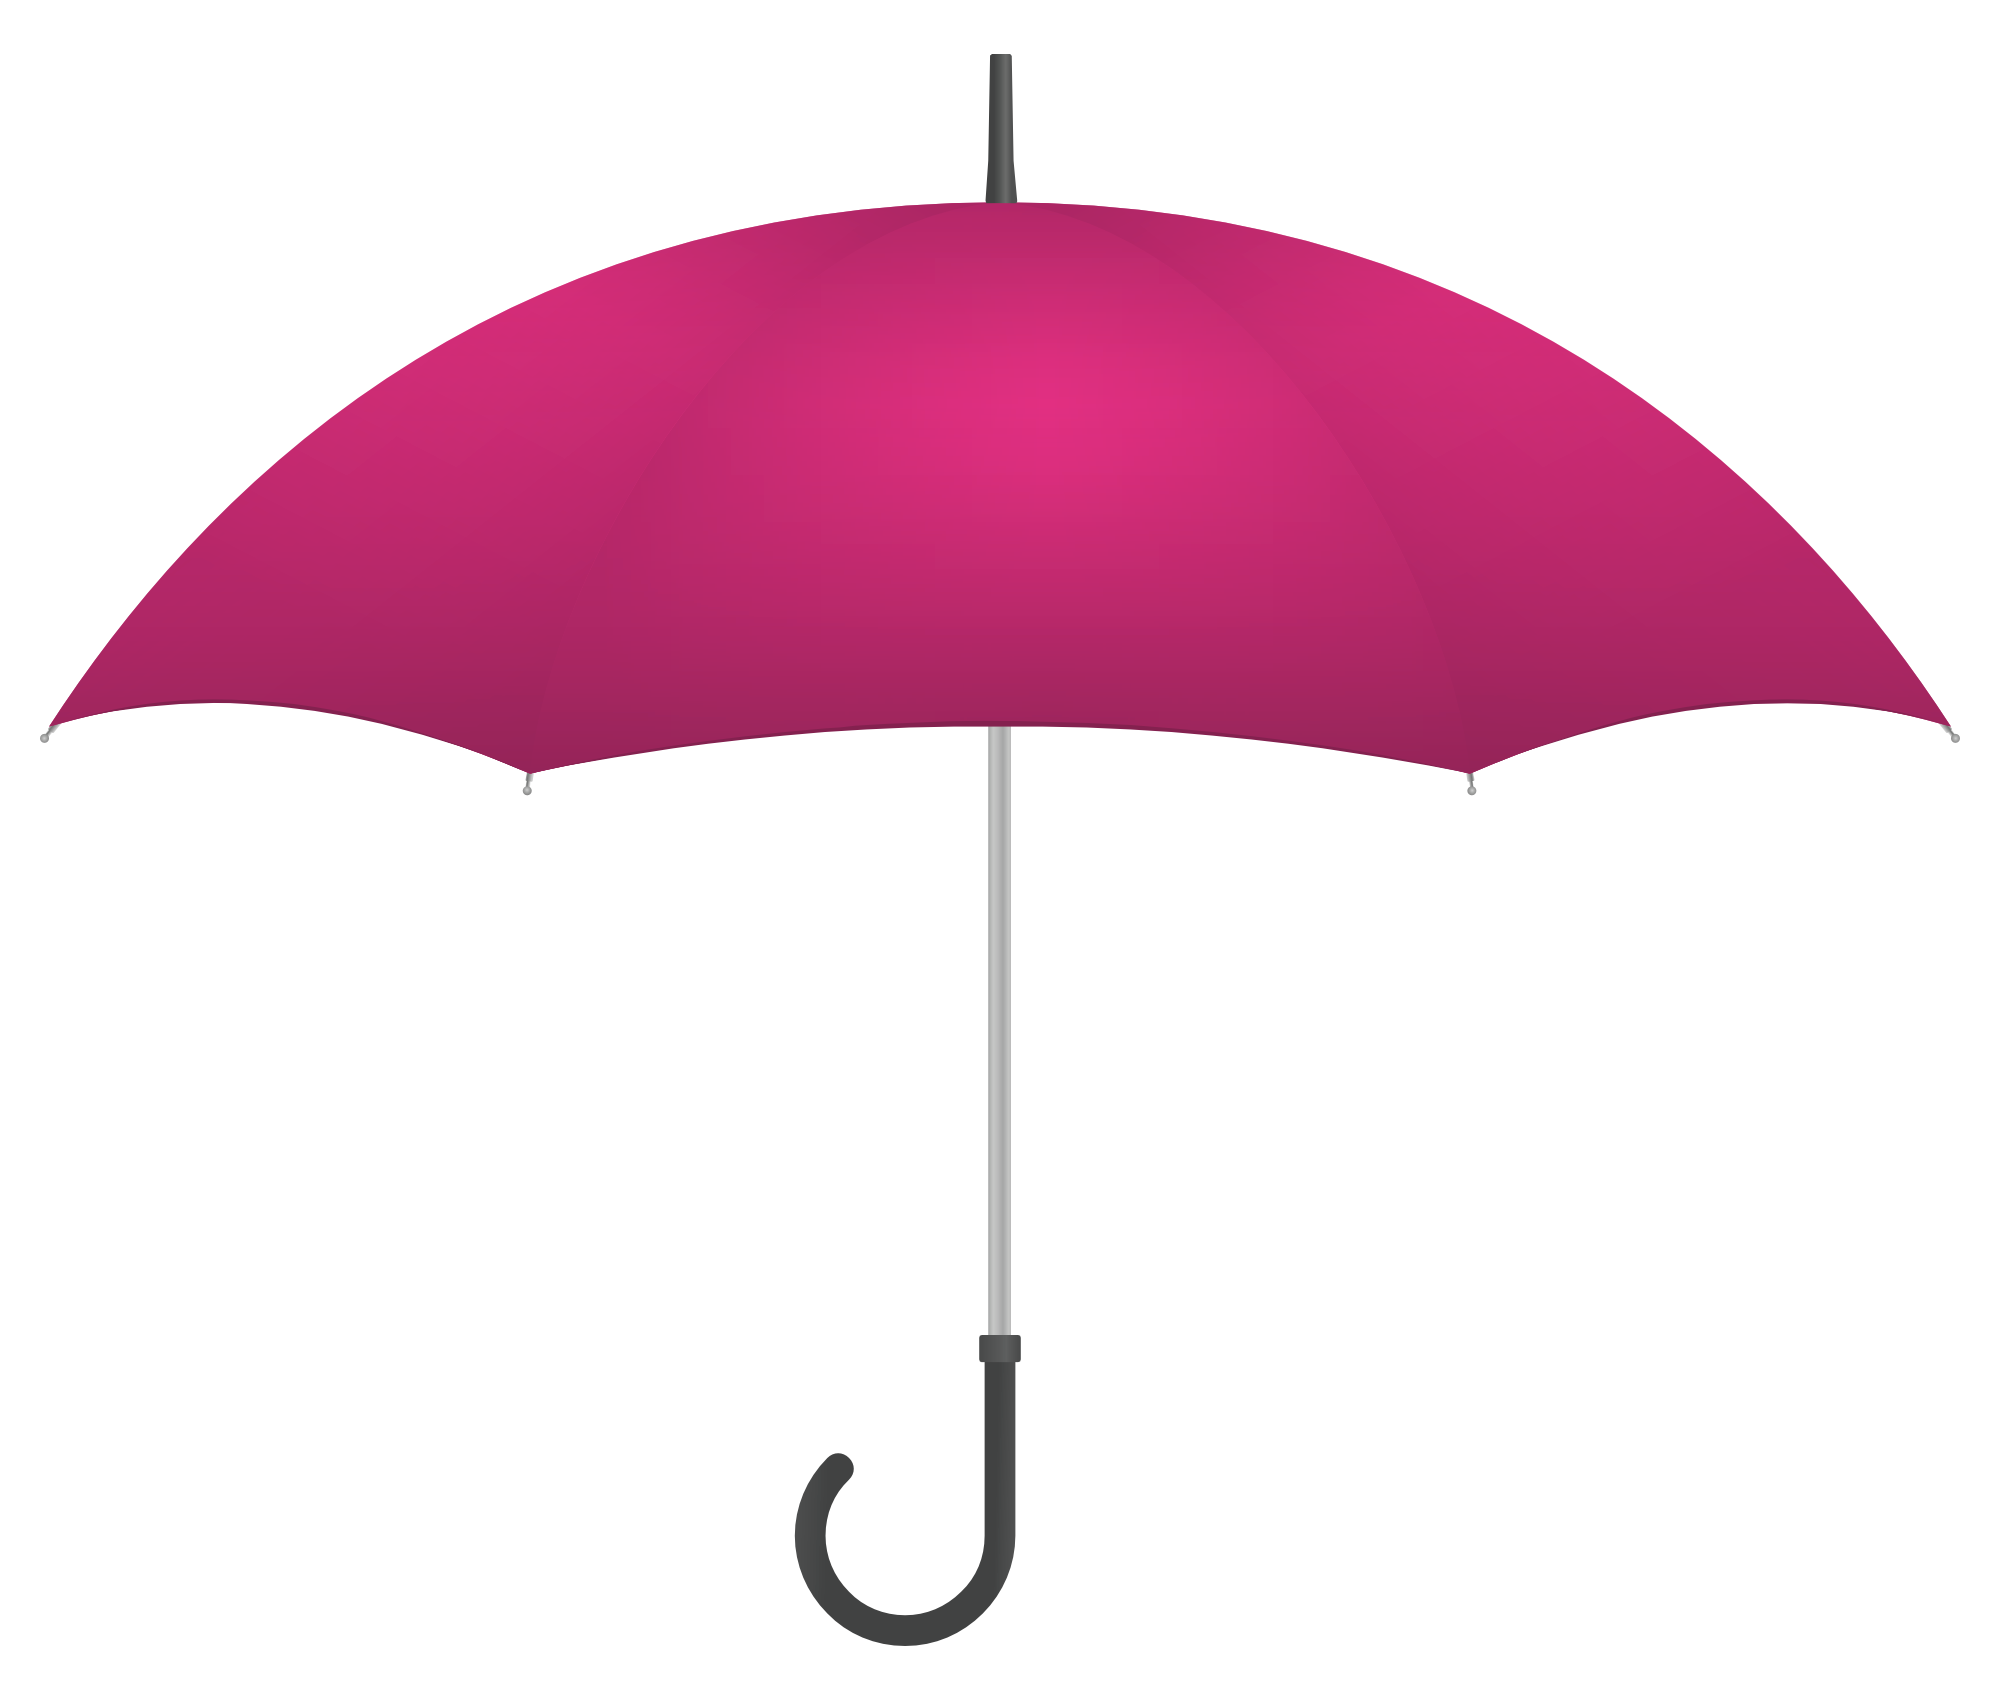 2000x1700 Umbrella Png Image